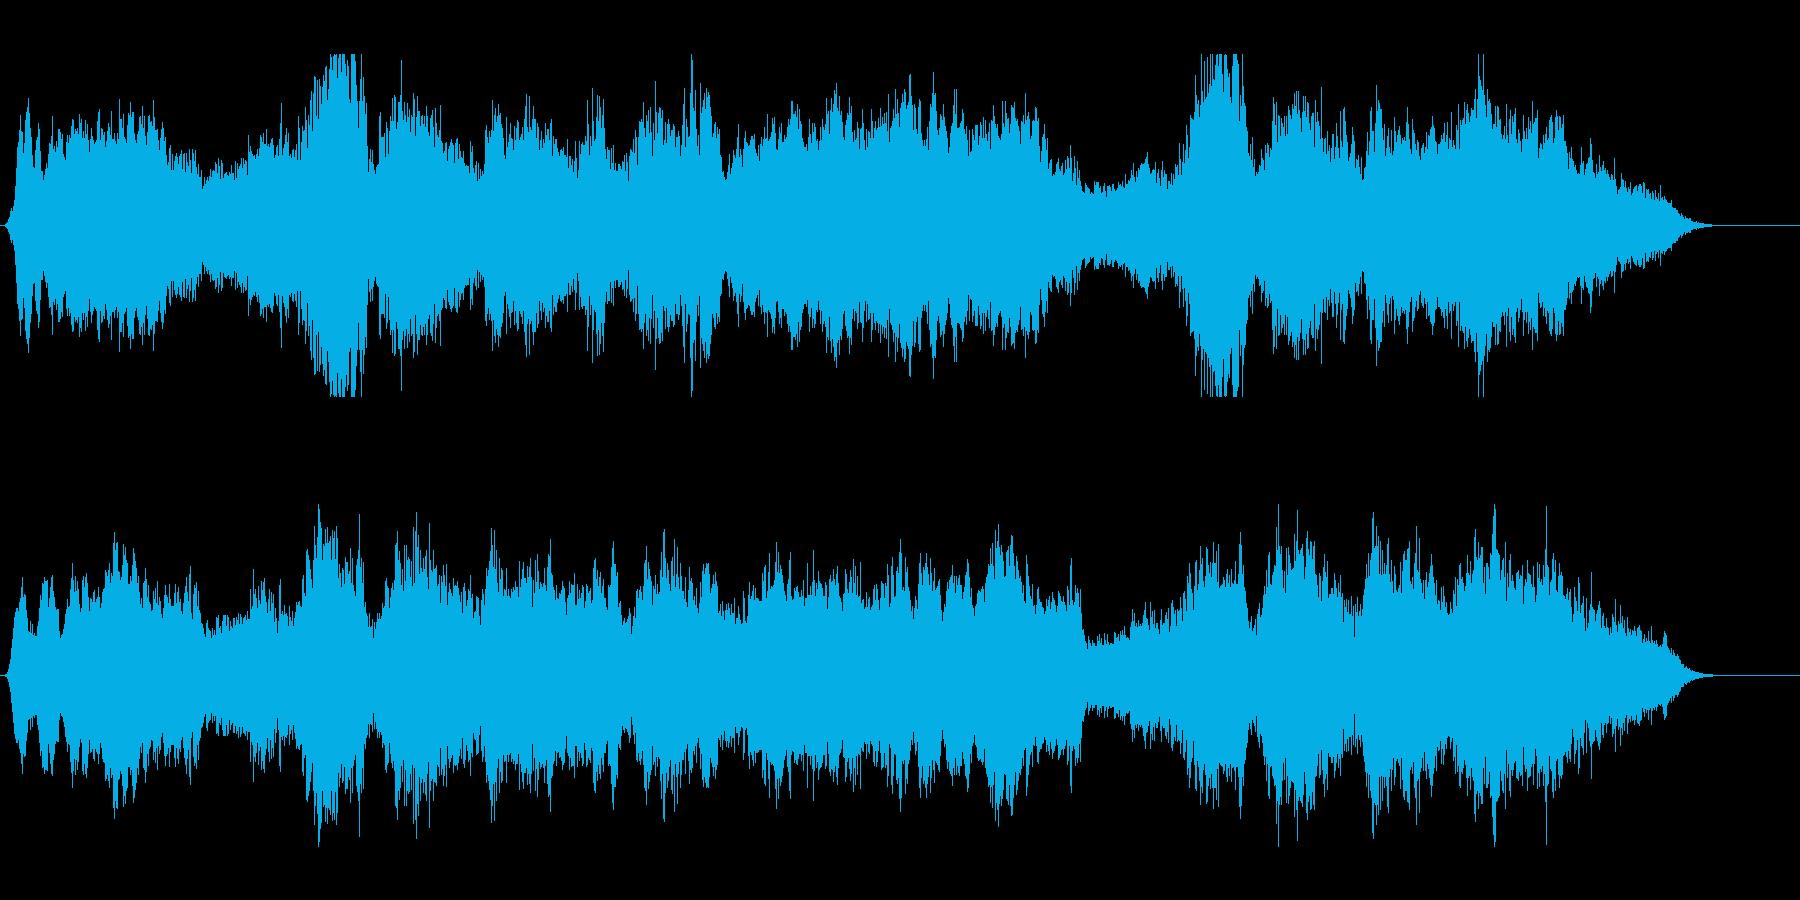 恐怖や不安をあおるホラーBGMの再生済みの波形